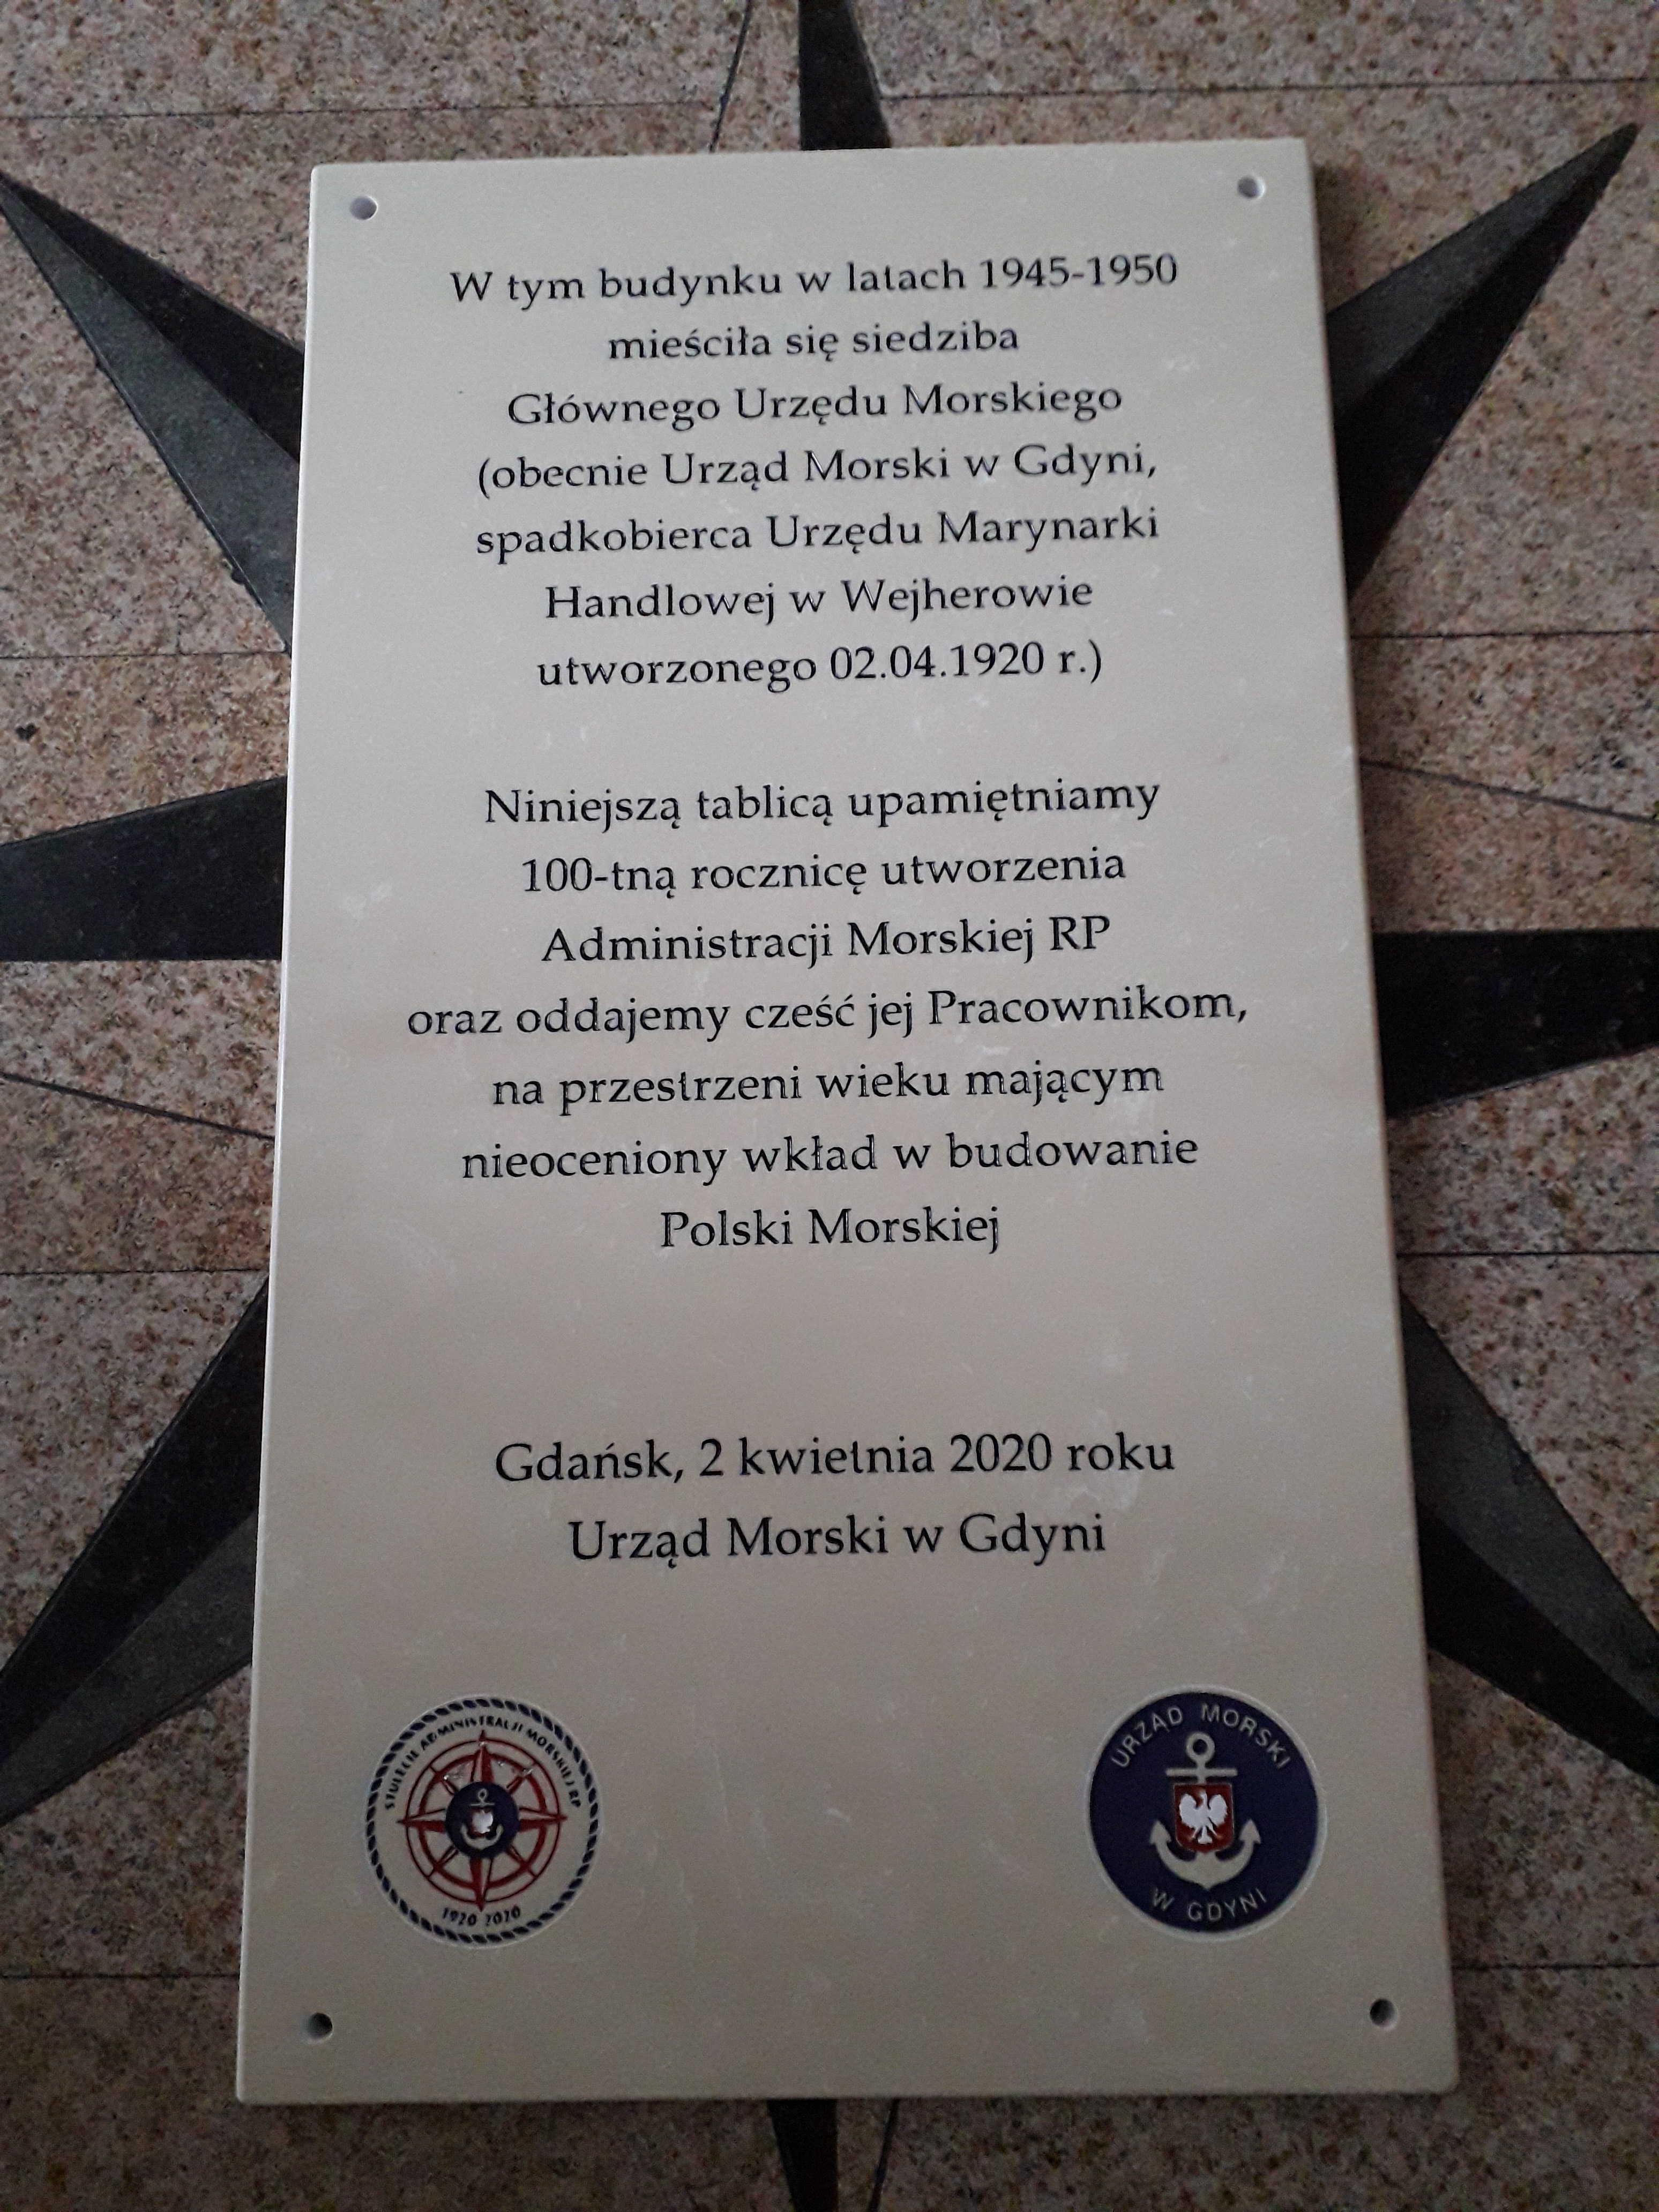 Tablica pamiątkowa przygotowana do zamontowania na budynku przy ul. Grunwaldzkiej 204 w Gdańsku (fot. Urząd Morski w Gdyni)